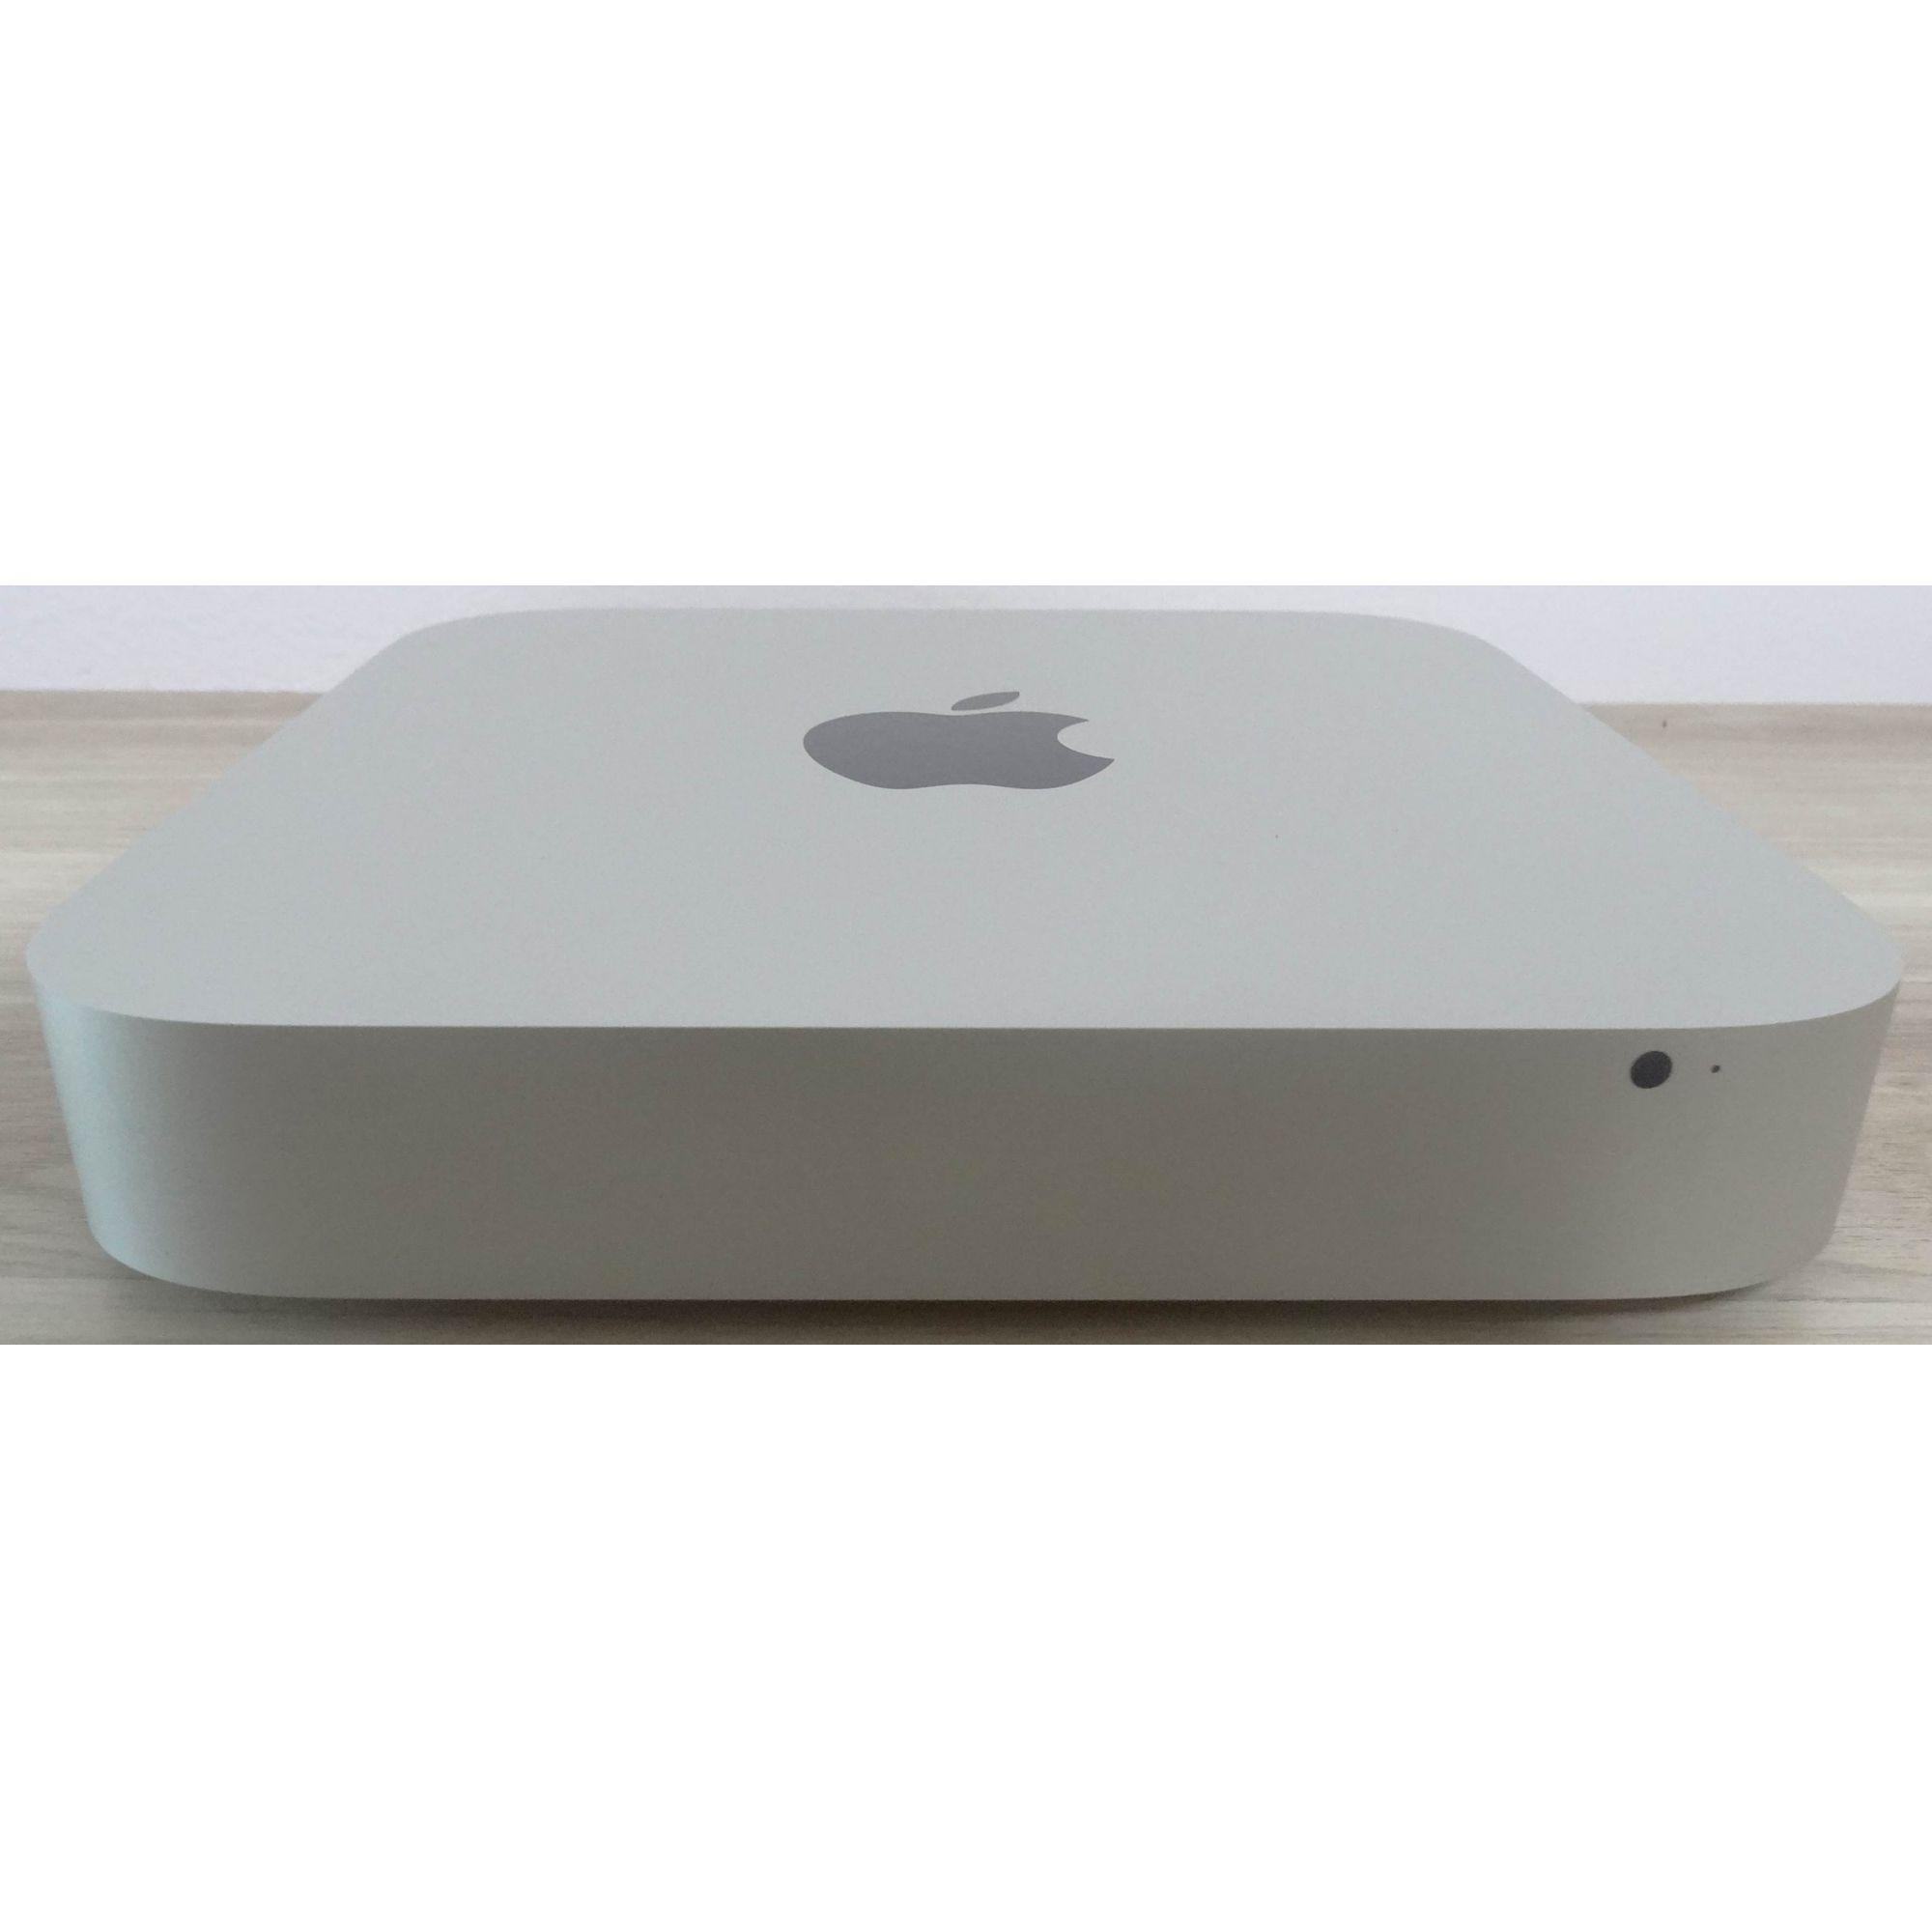 Mac Mini MD387LL/A Intel Core i5 2.5GHz 4GB 500GB HD